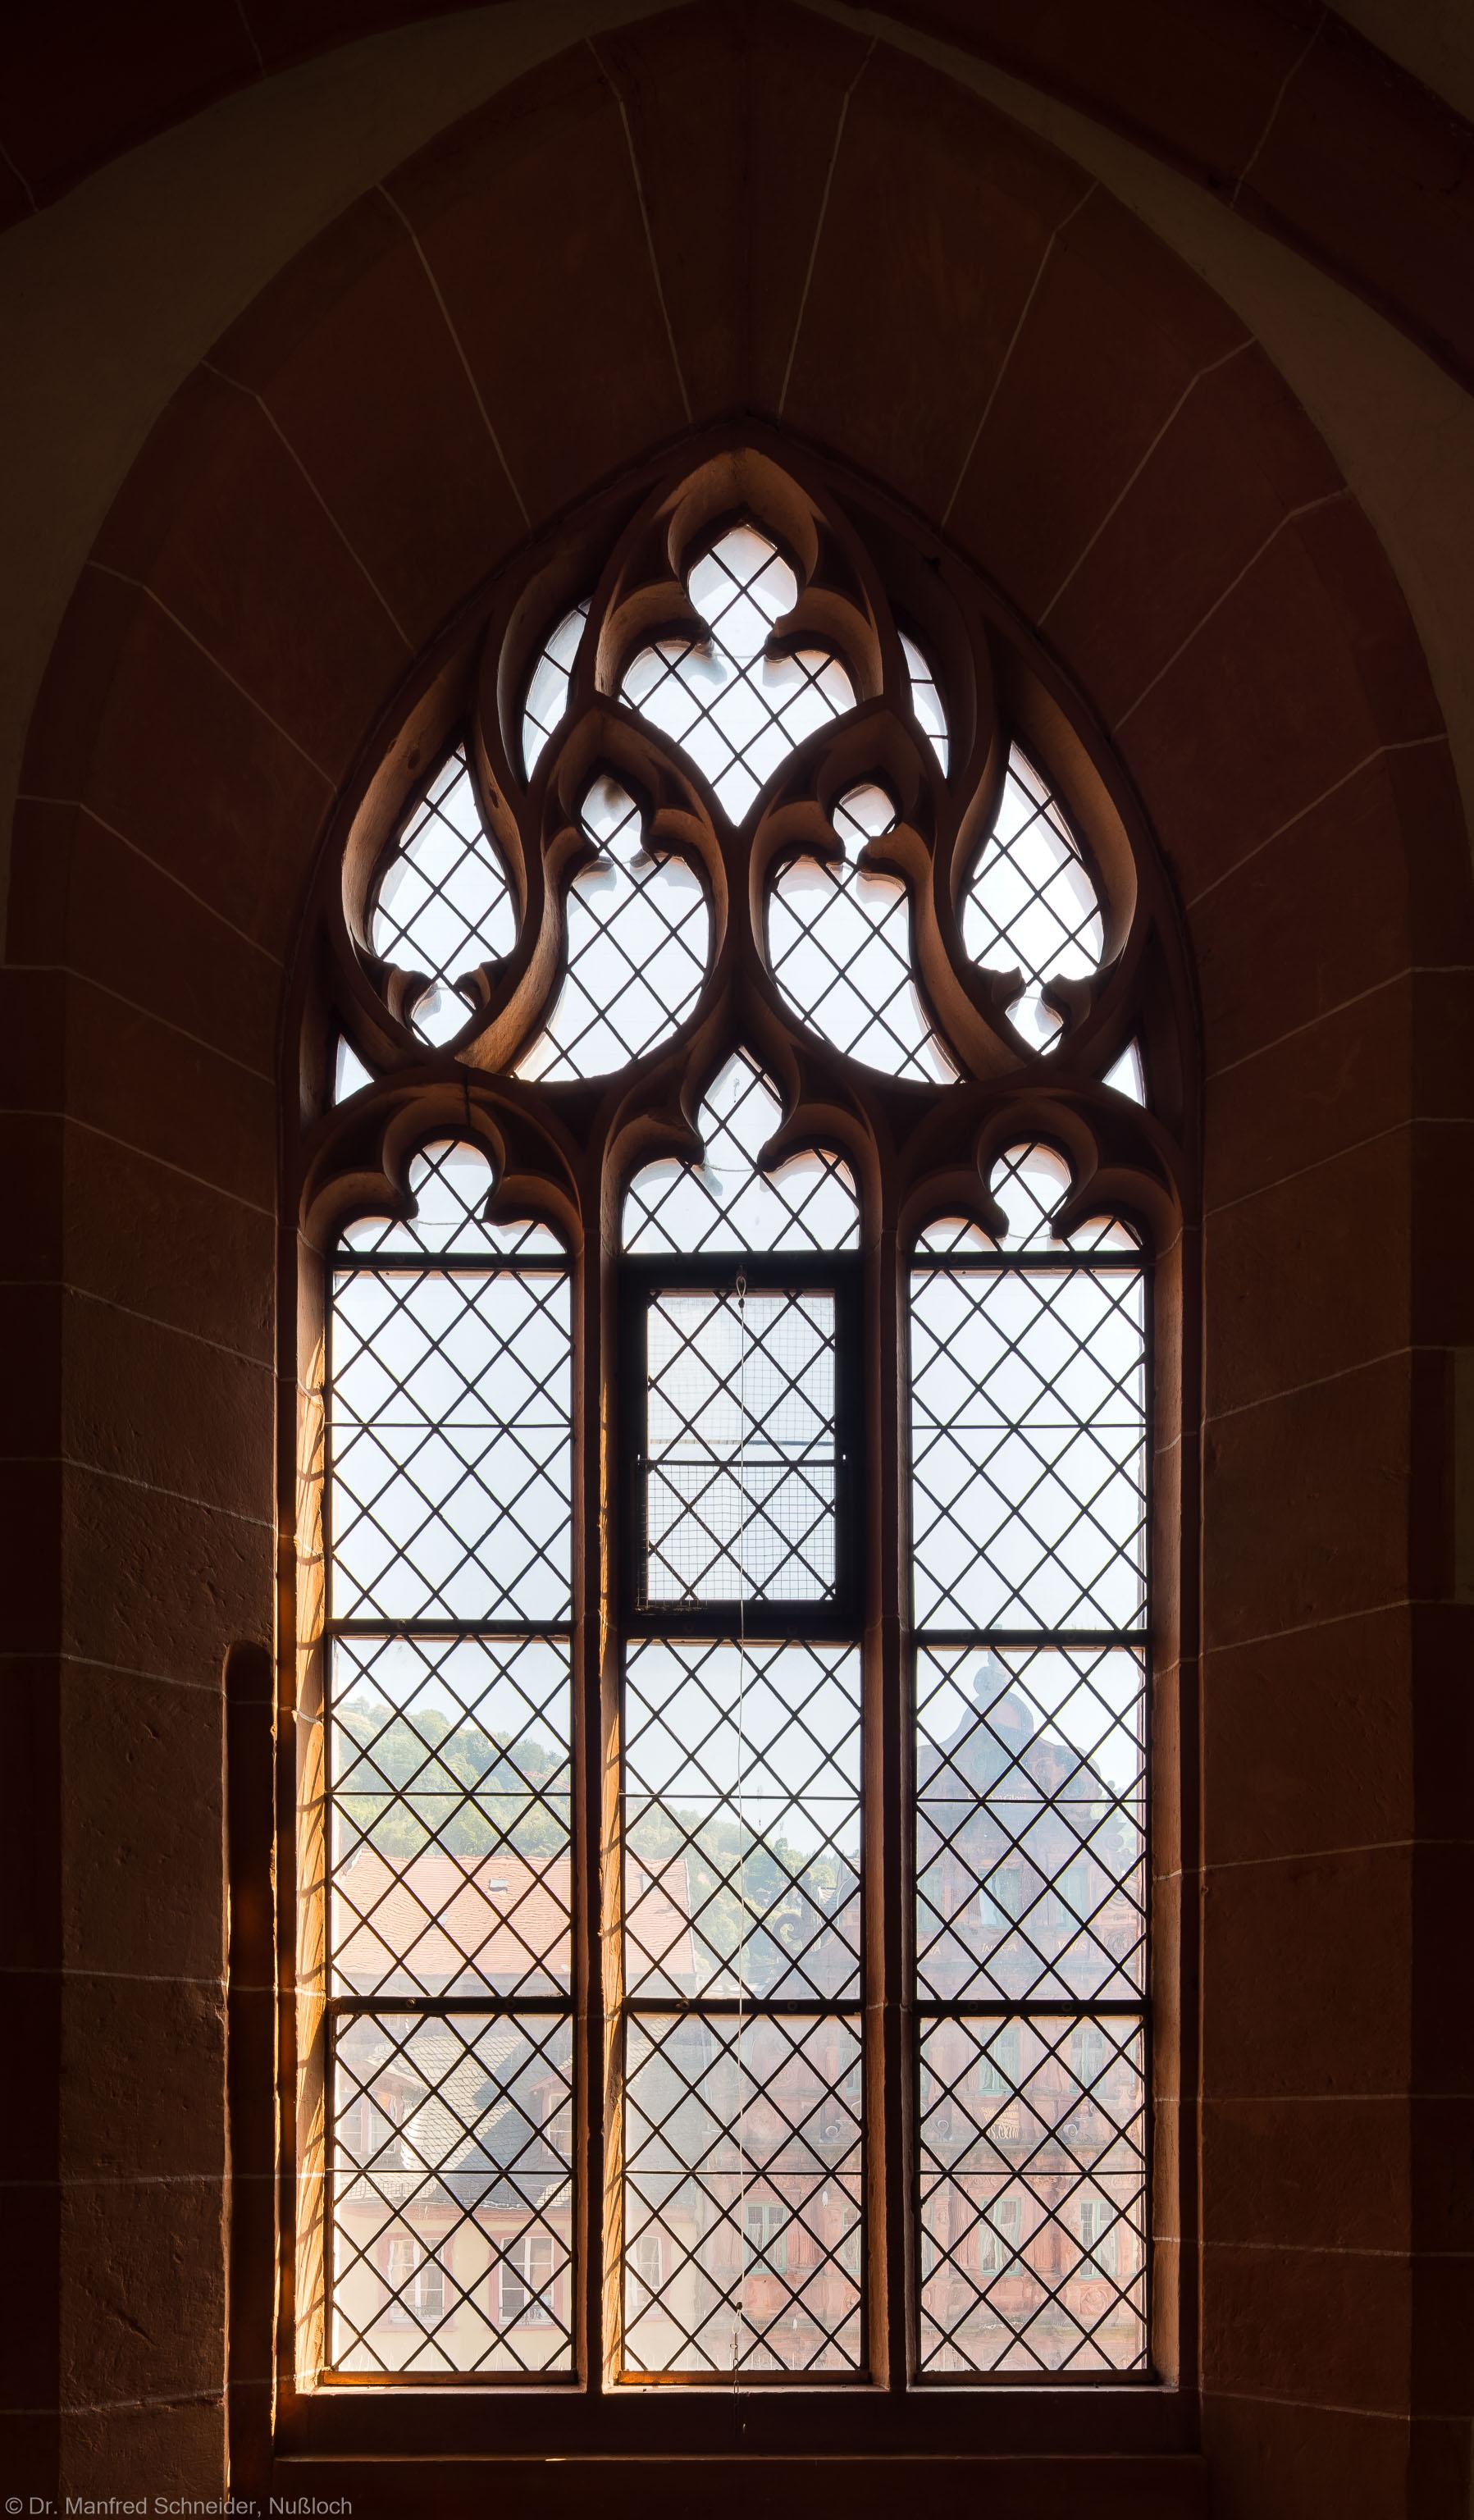 Heidelberg - Heiliggeistkirche - Westbau - Emporenebene - Südwestseite - Fenster nach Süden hin (aufgenommen im Juni 2015, am späten Nachmittag)